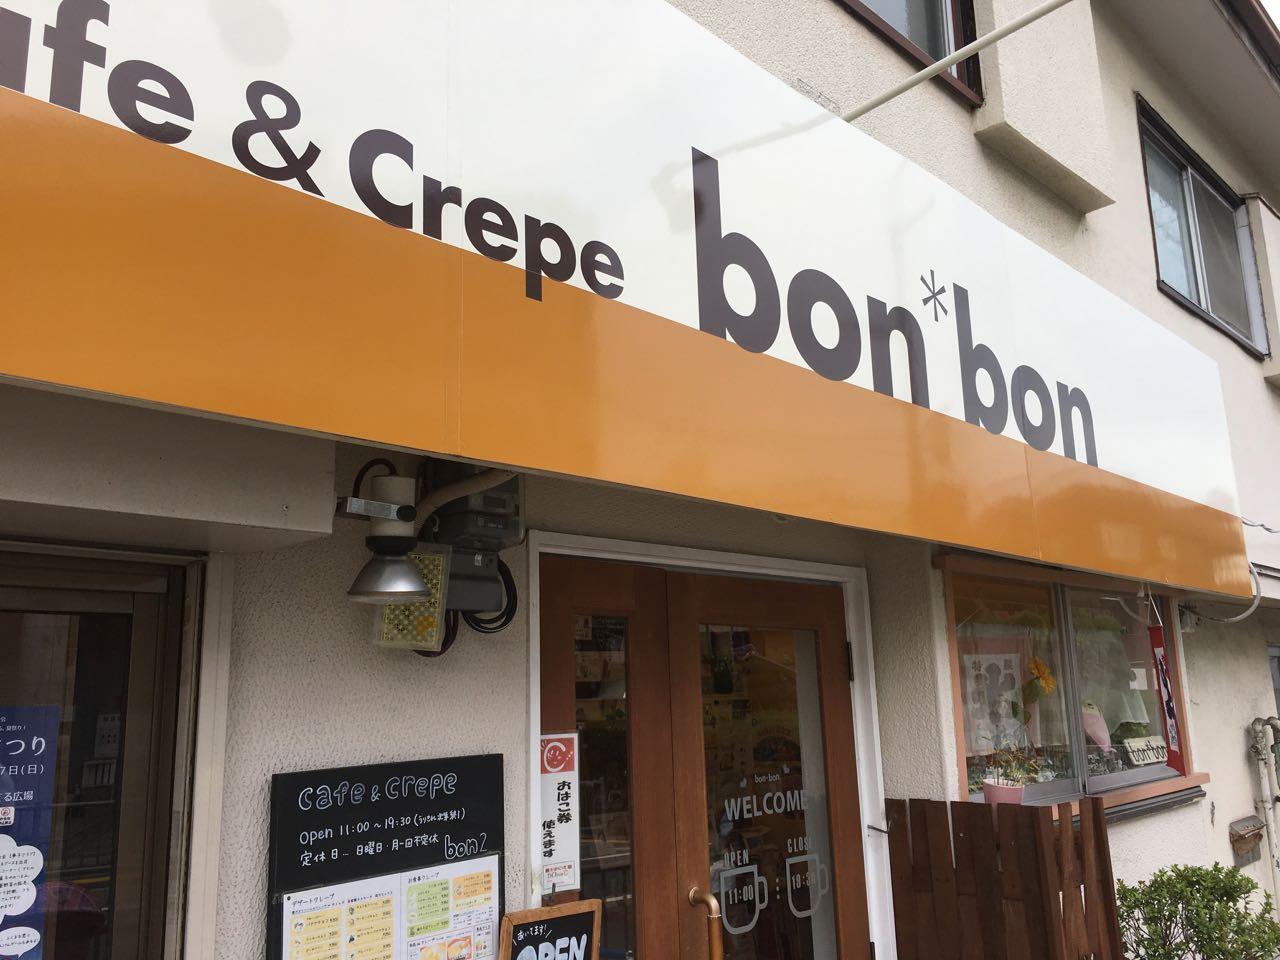 石橋のクレープボンボン、子連れにも優しいかわいいカフェスペース